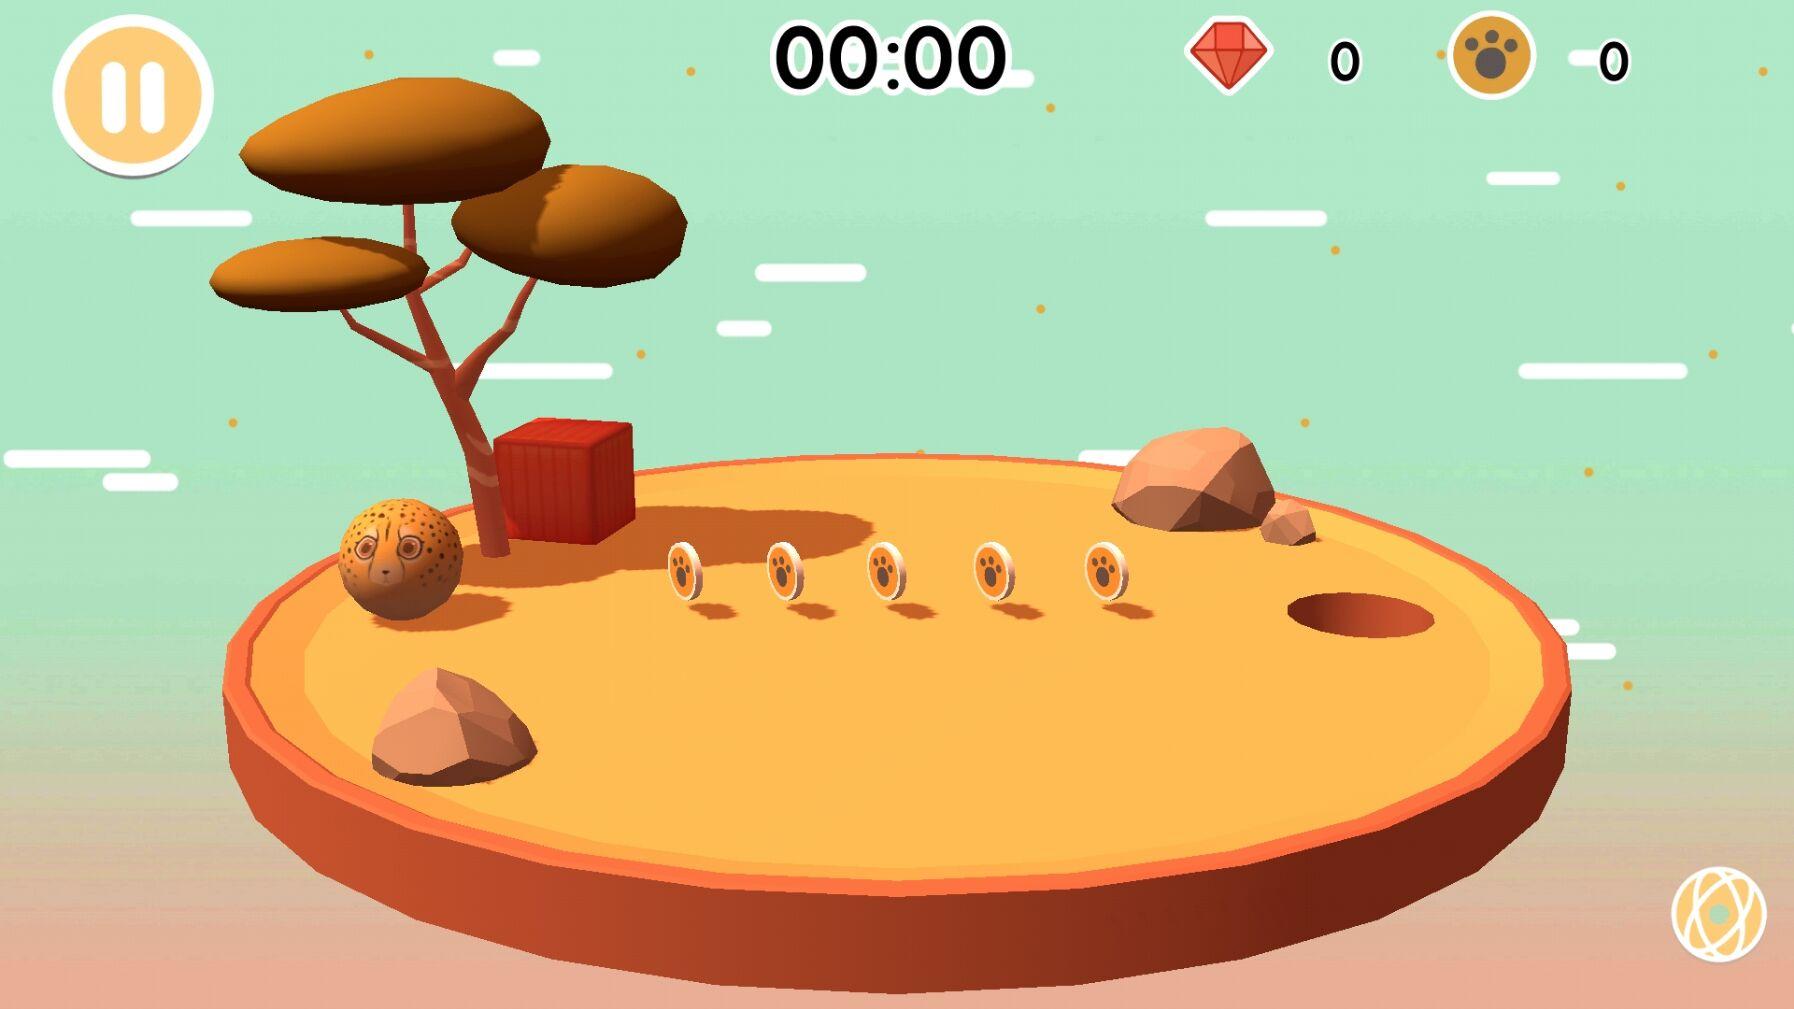 圆滚滚的动物世界官方安卓版 v0.3截图